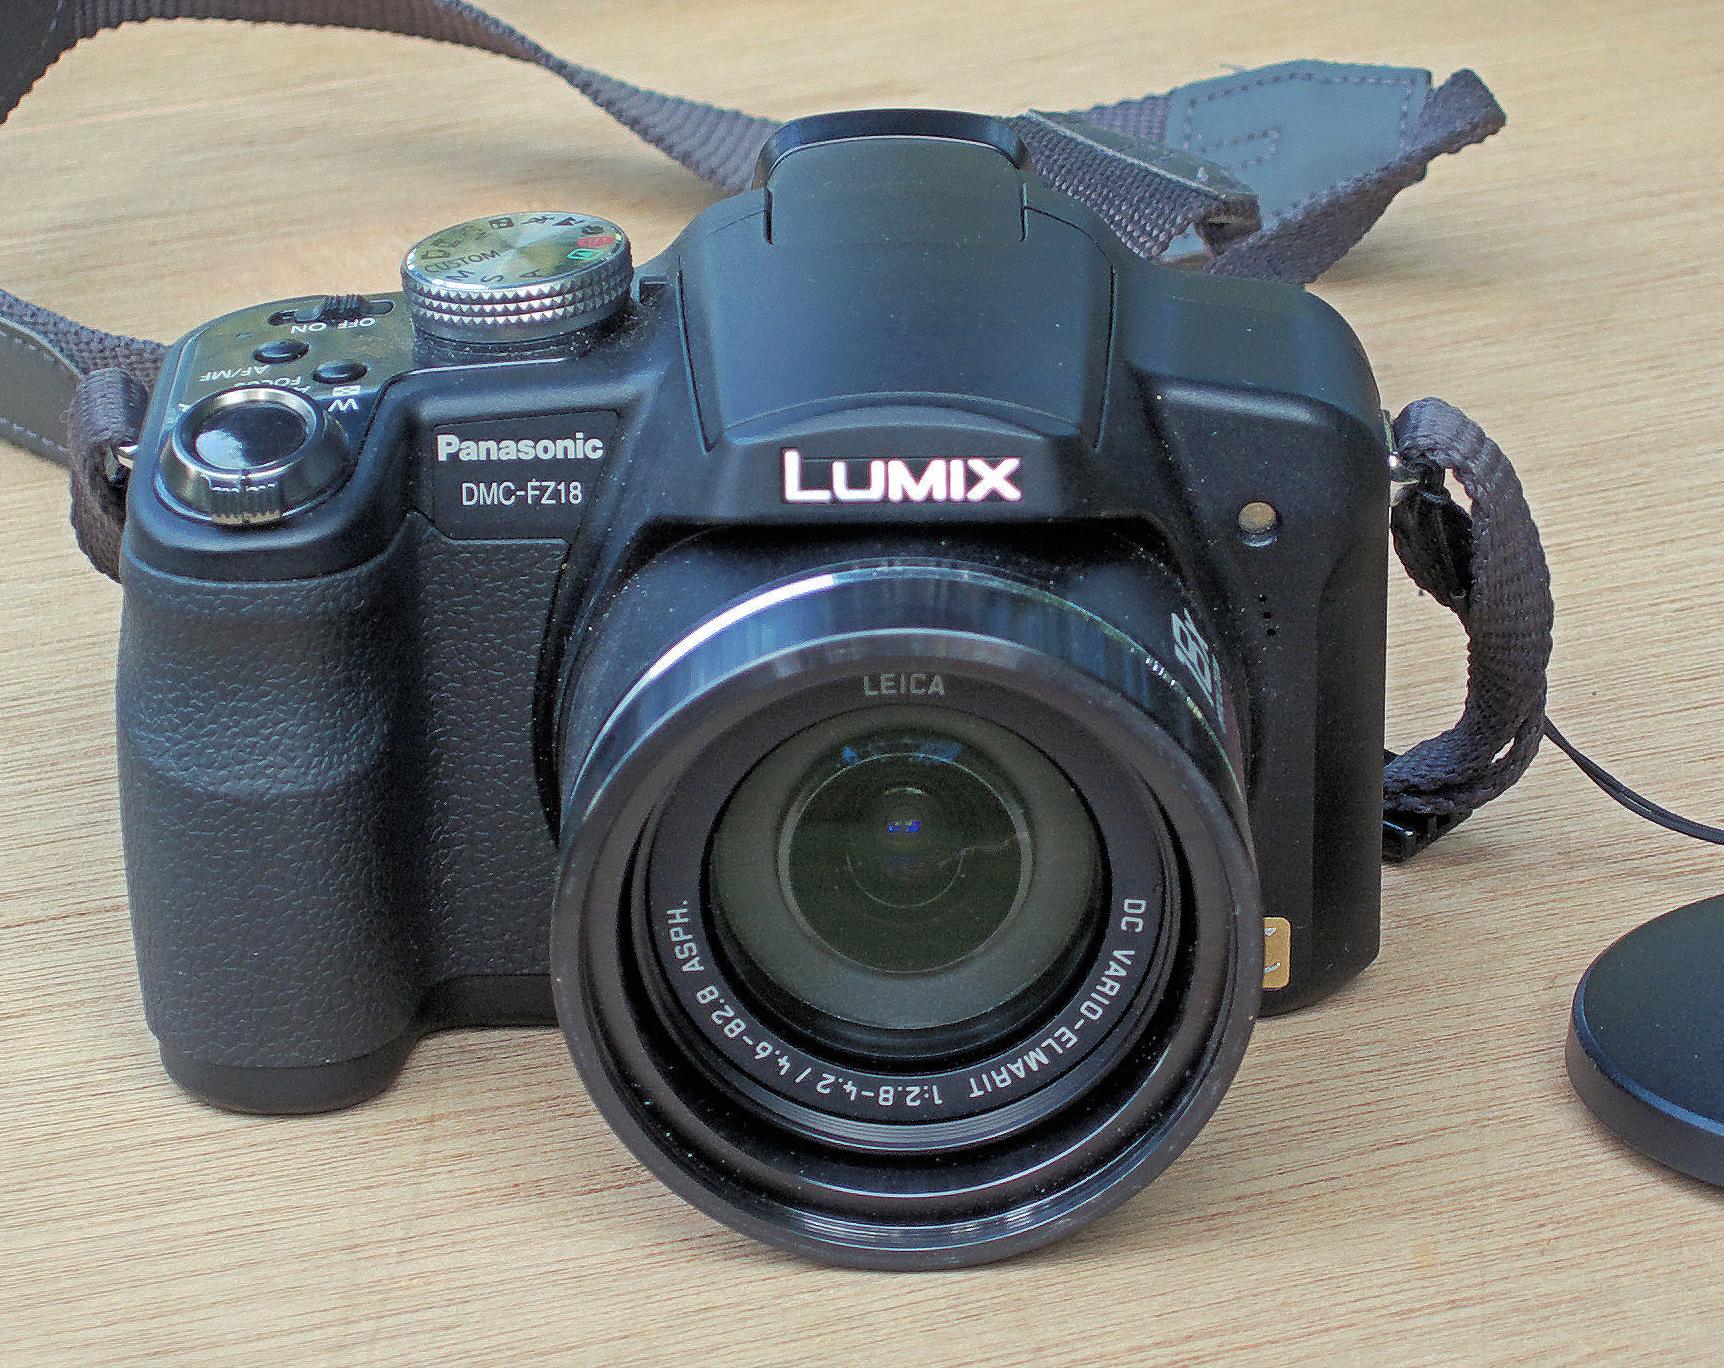 panasonic lumix dmc fz18 wikiwand rh wikiwand com panasonic fz18 manual pdf panasonic camera dmc-fz18 manual